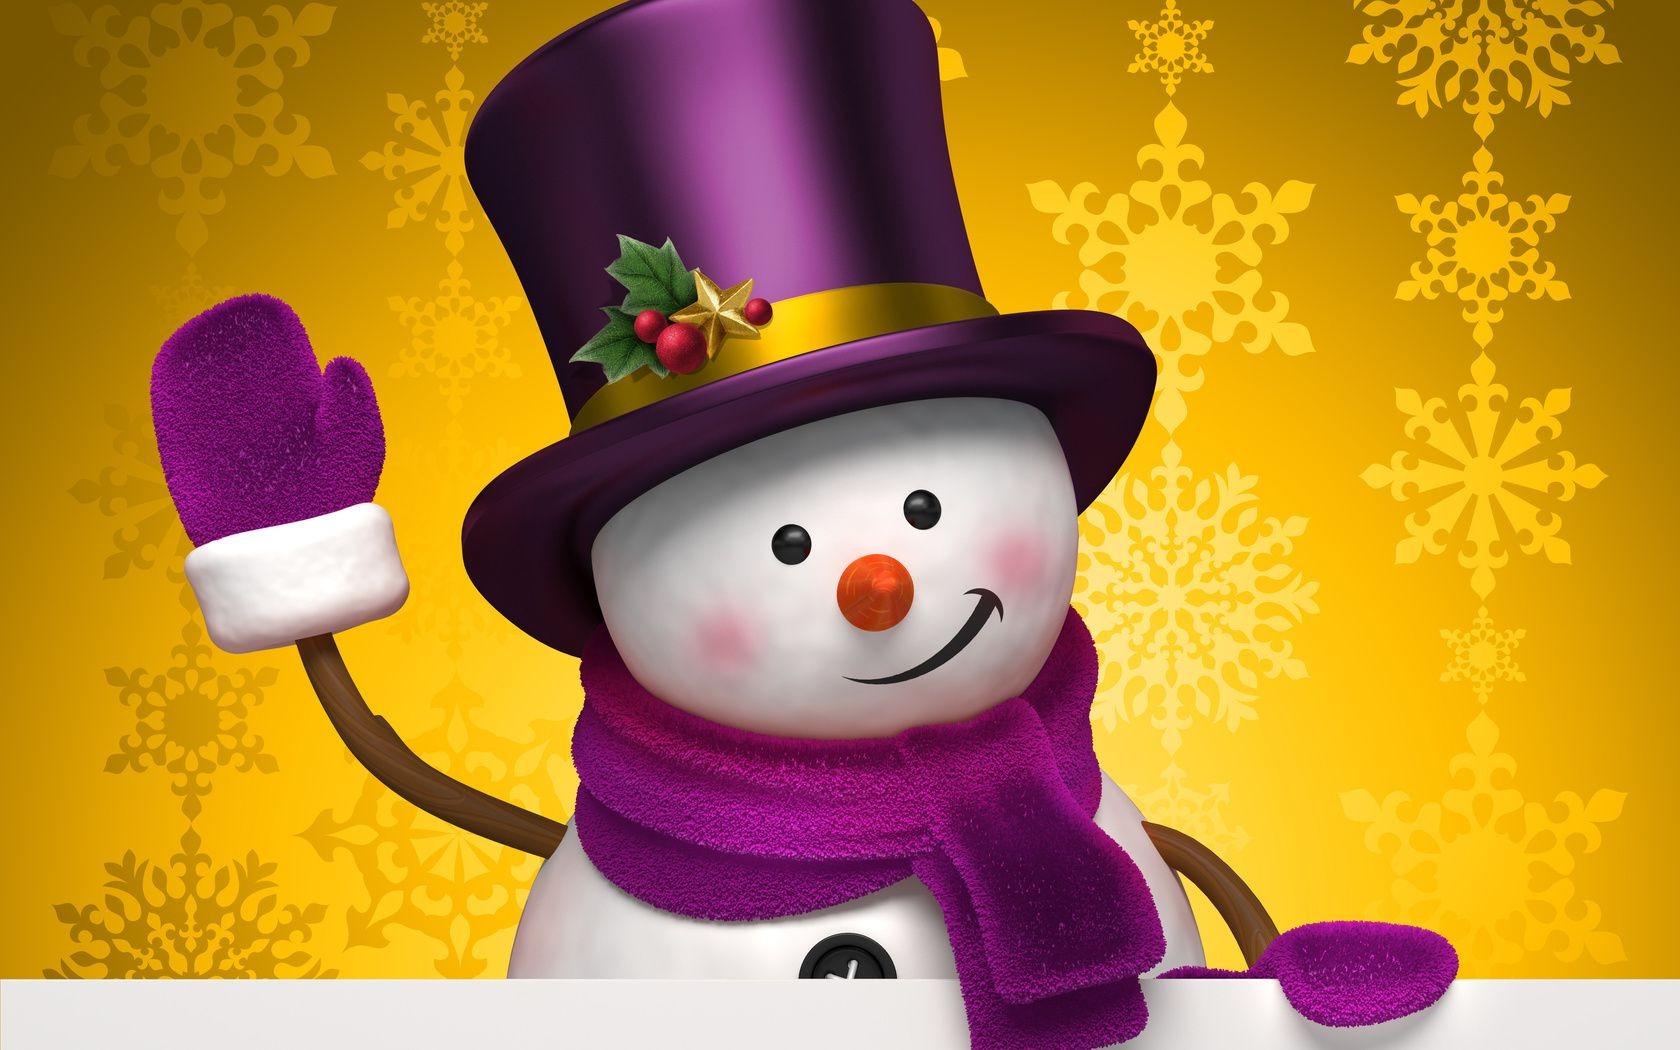 гены, новый год снеговик картинки красивые на телефон найдете технические характеристики